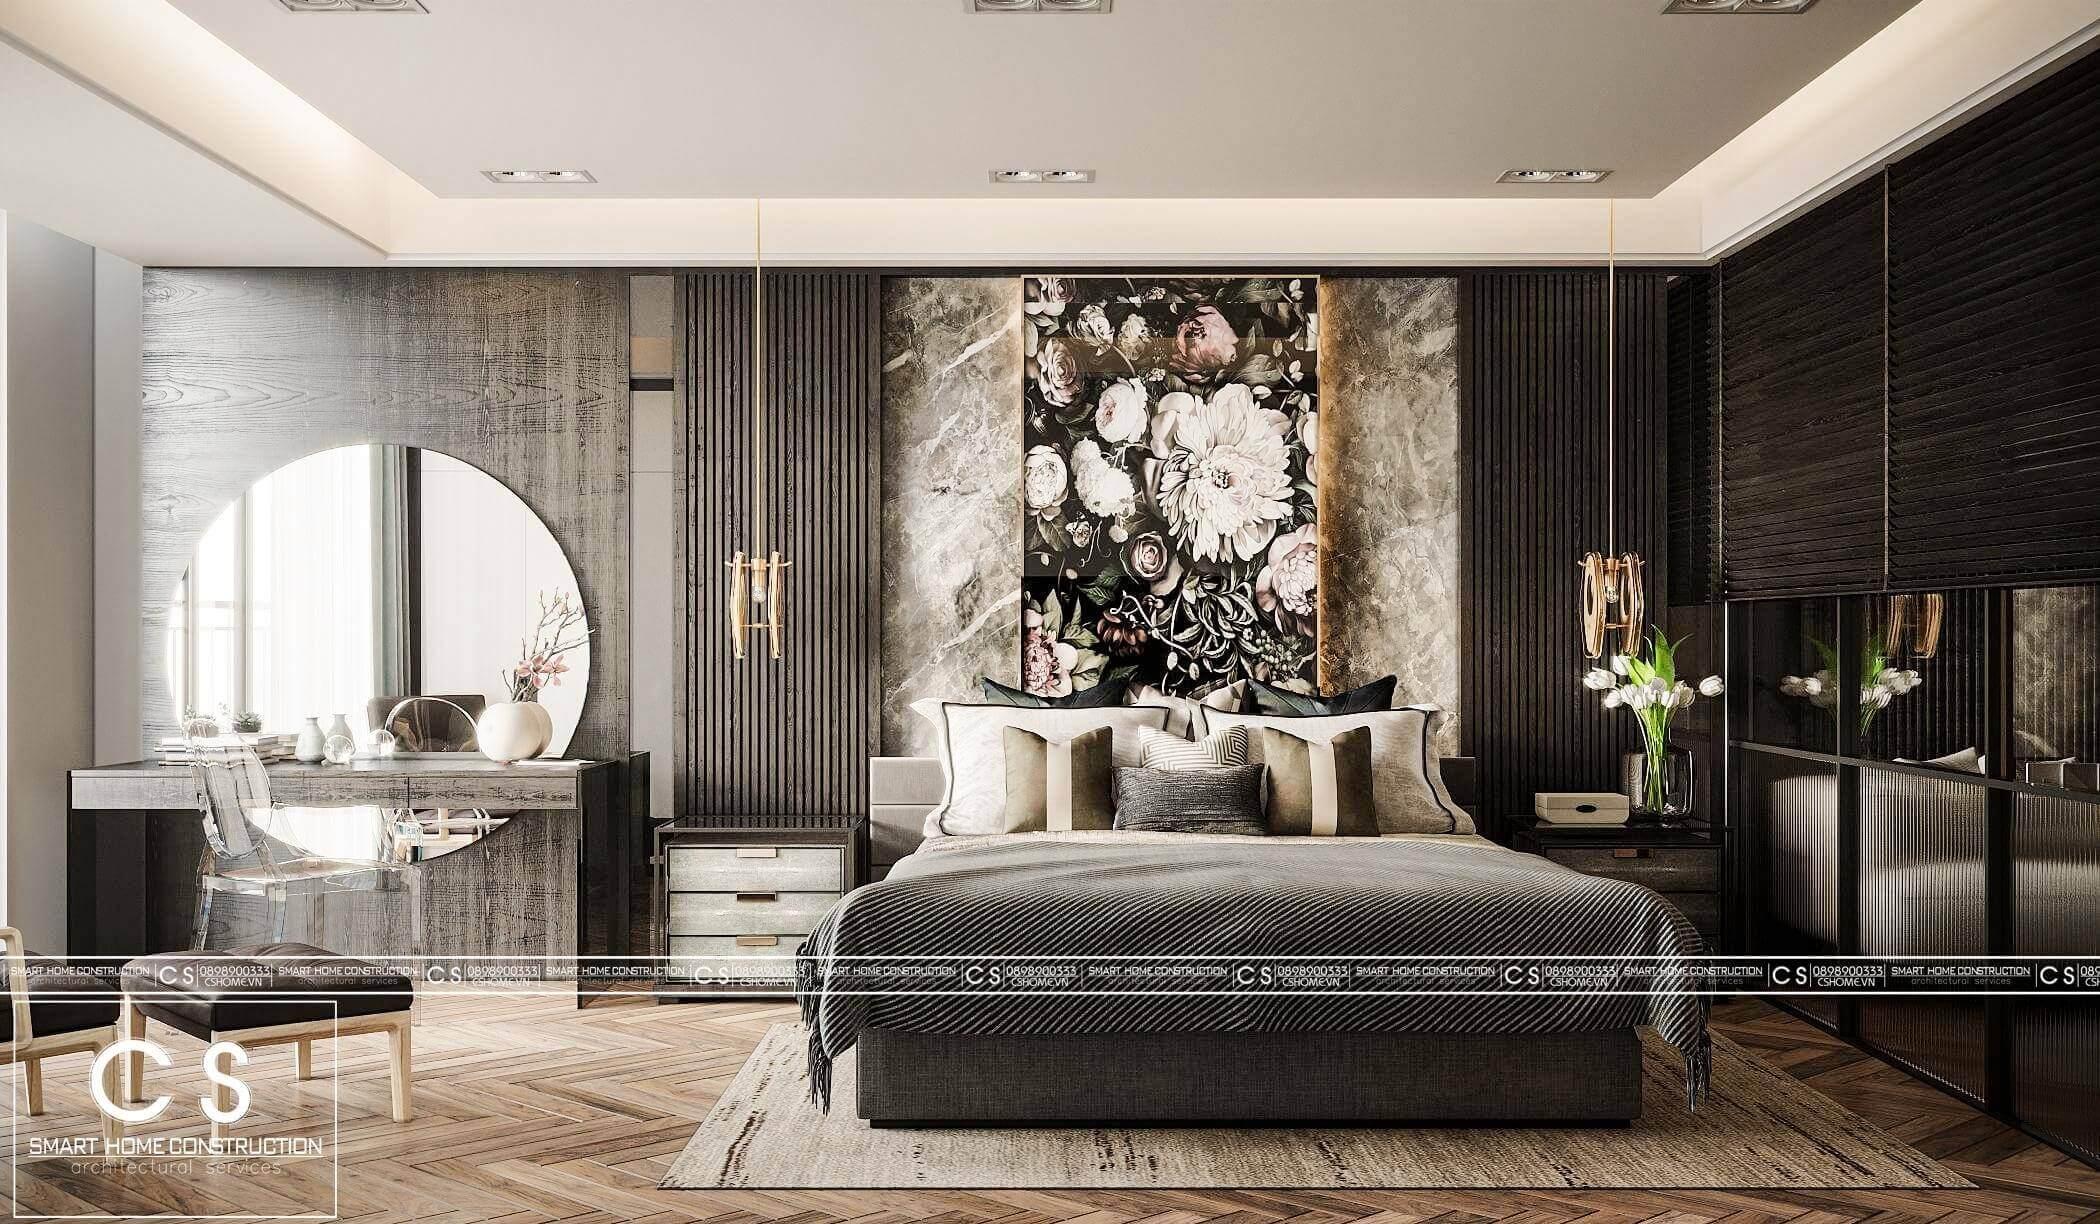 thiết kế nội thất căn hộ chị tuyết